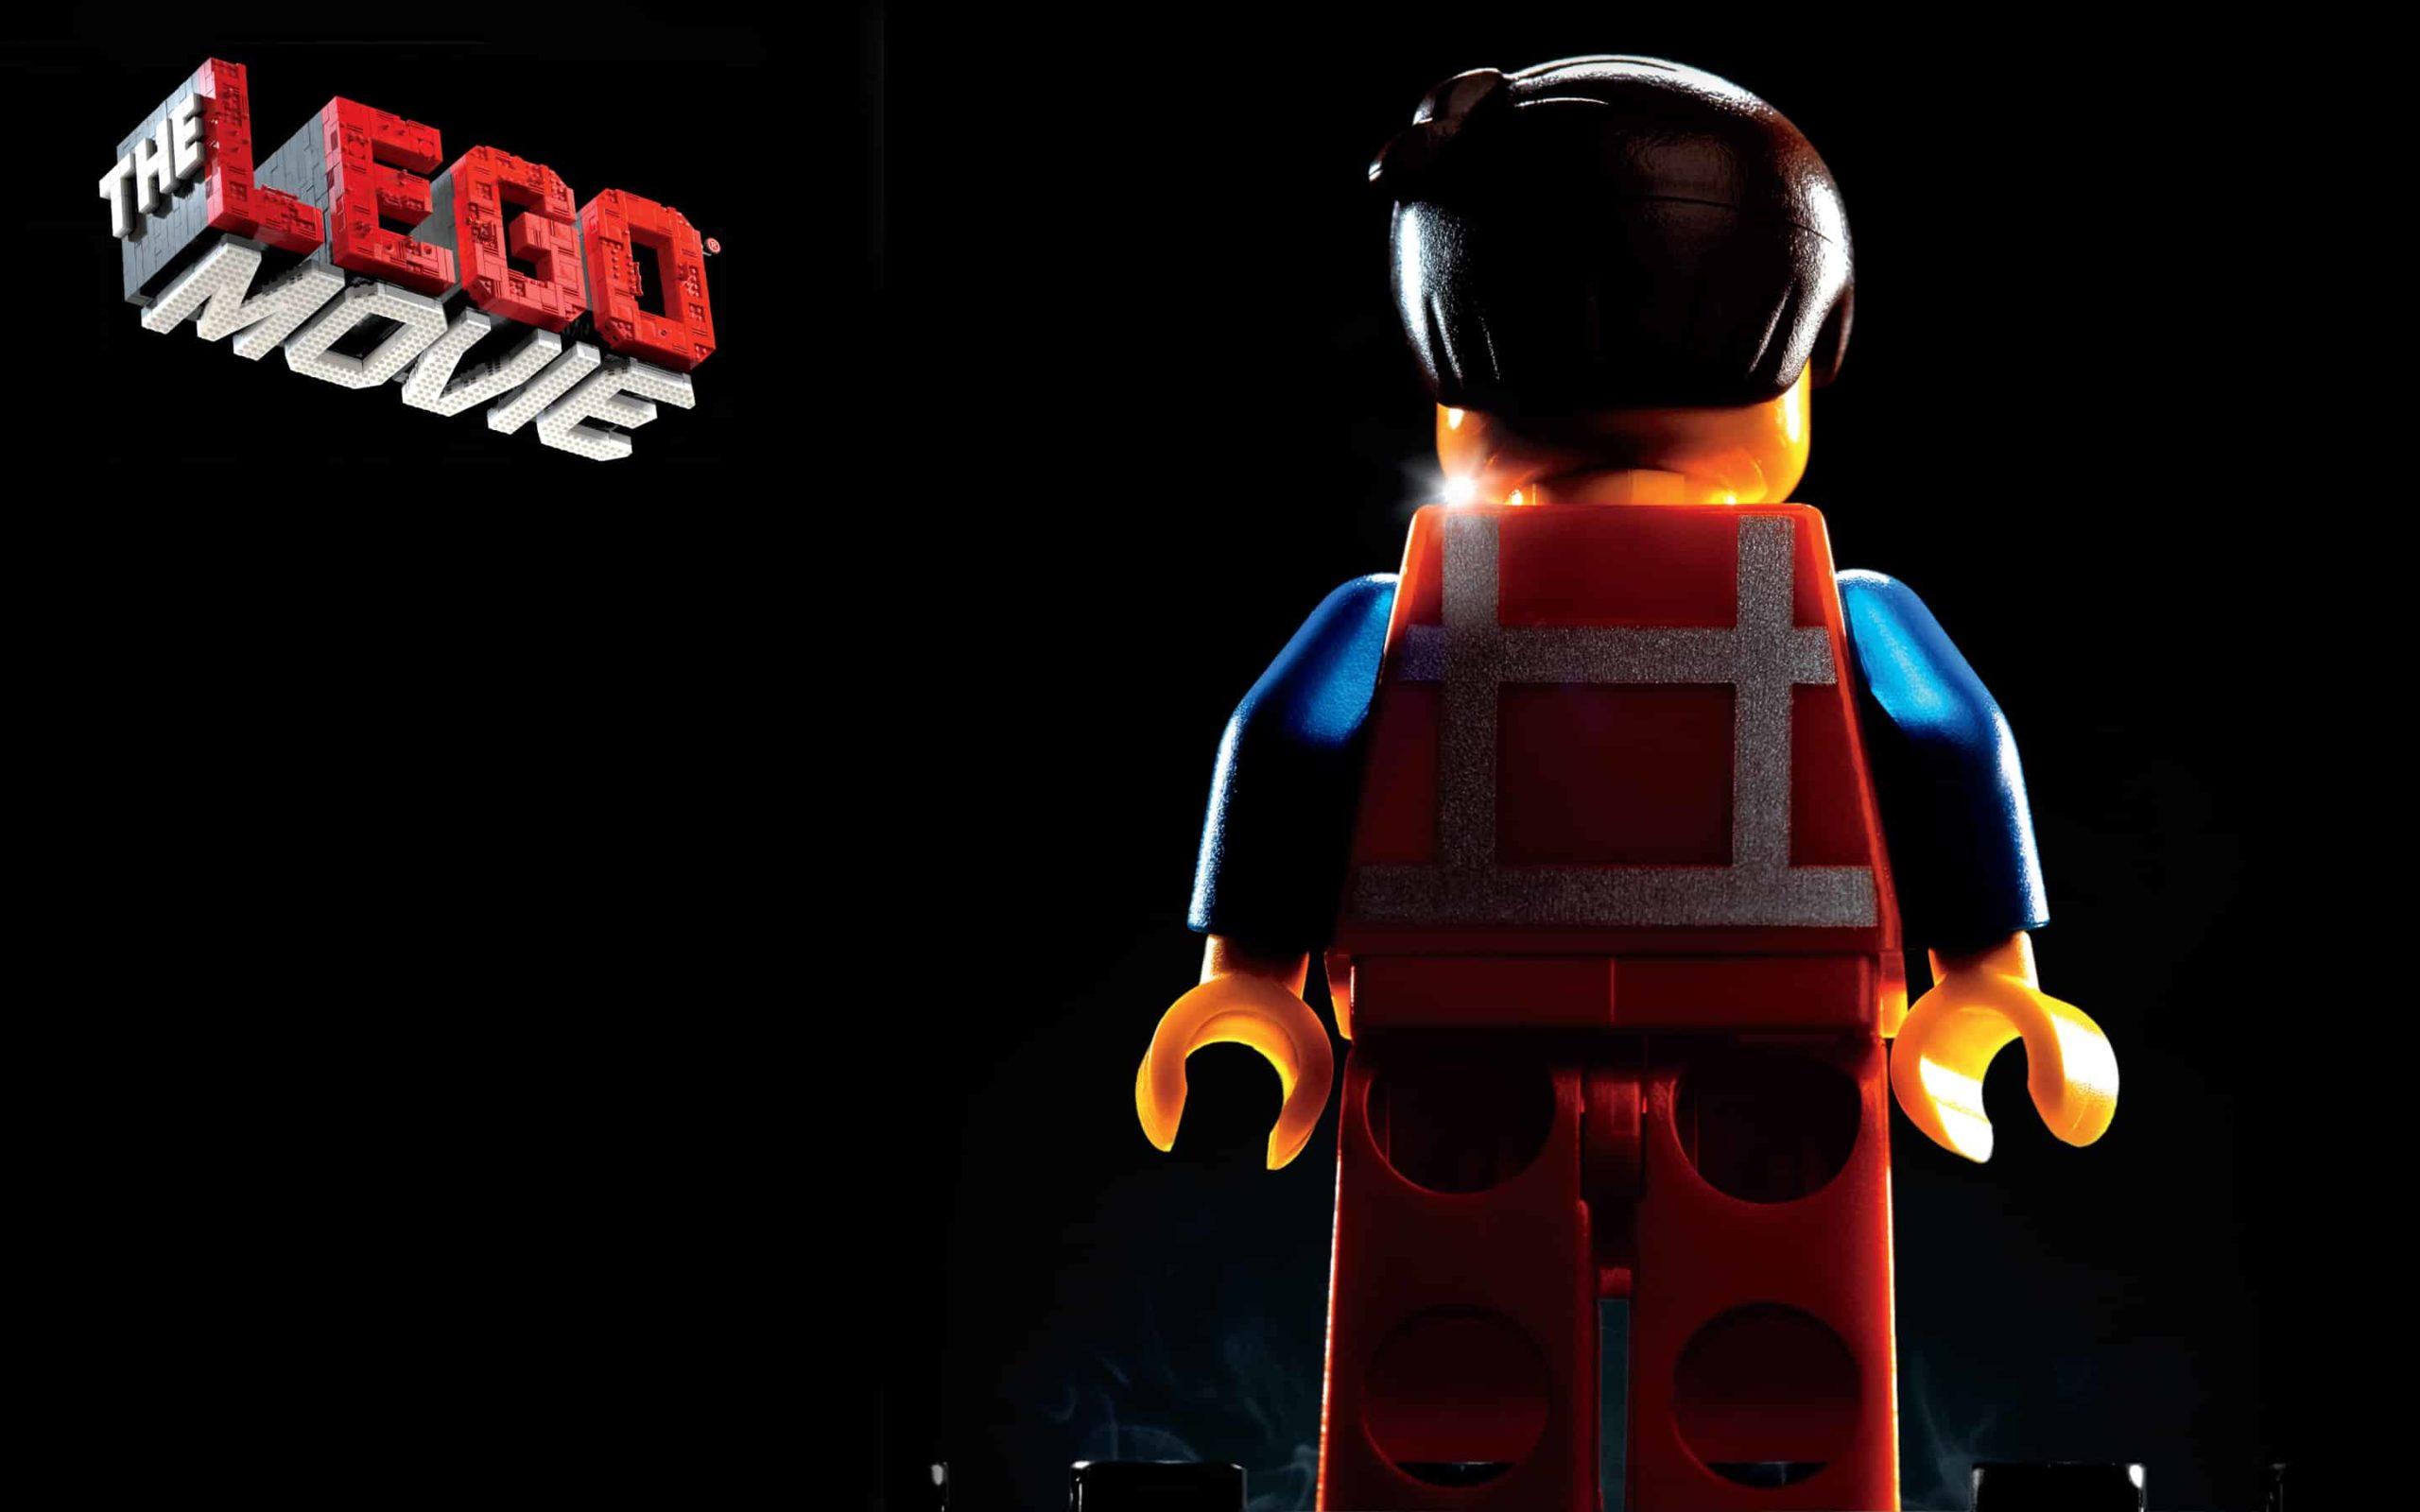 Rob Schrab es el director de la secuela de Lego